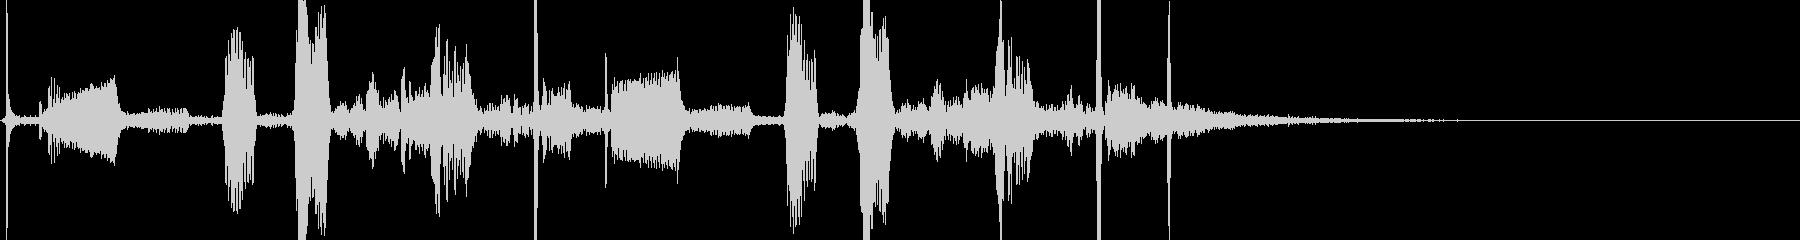 近未来の通信装置から出そうな音の未再生の波形